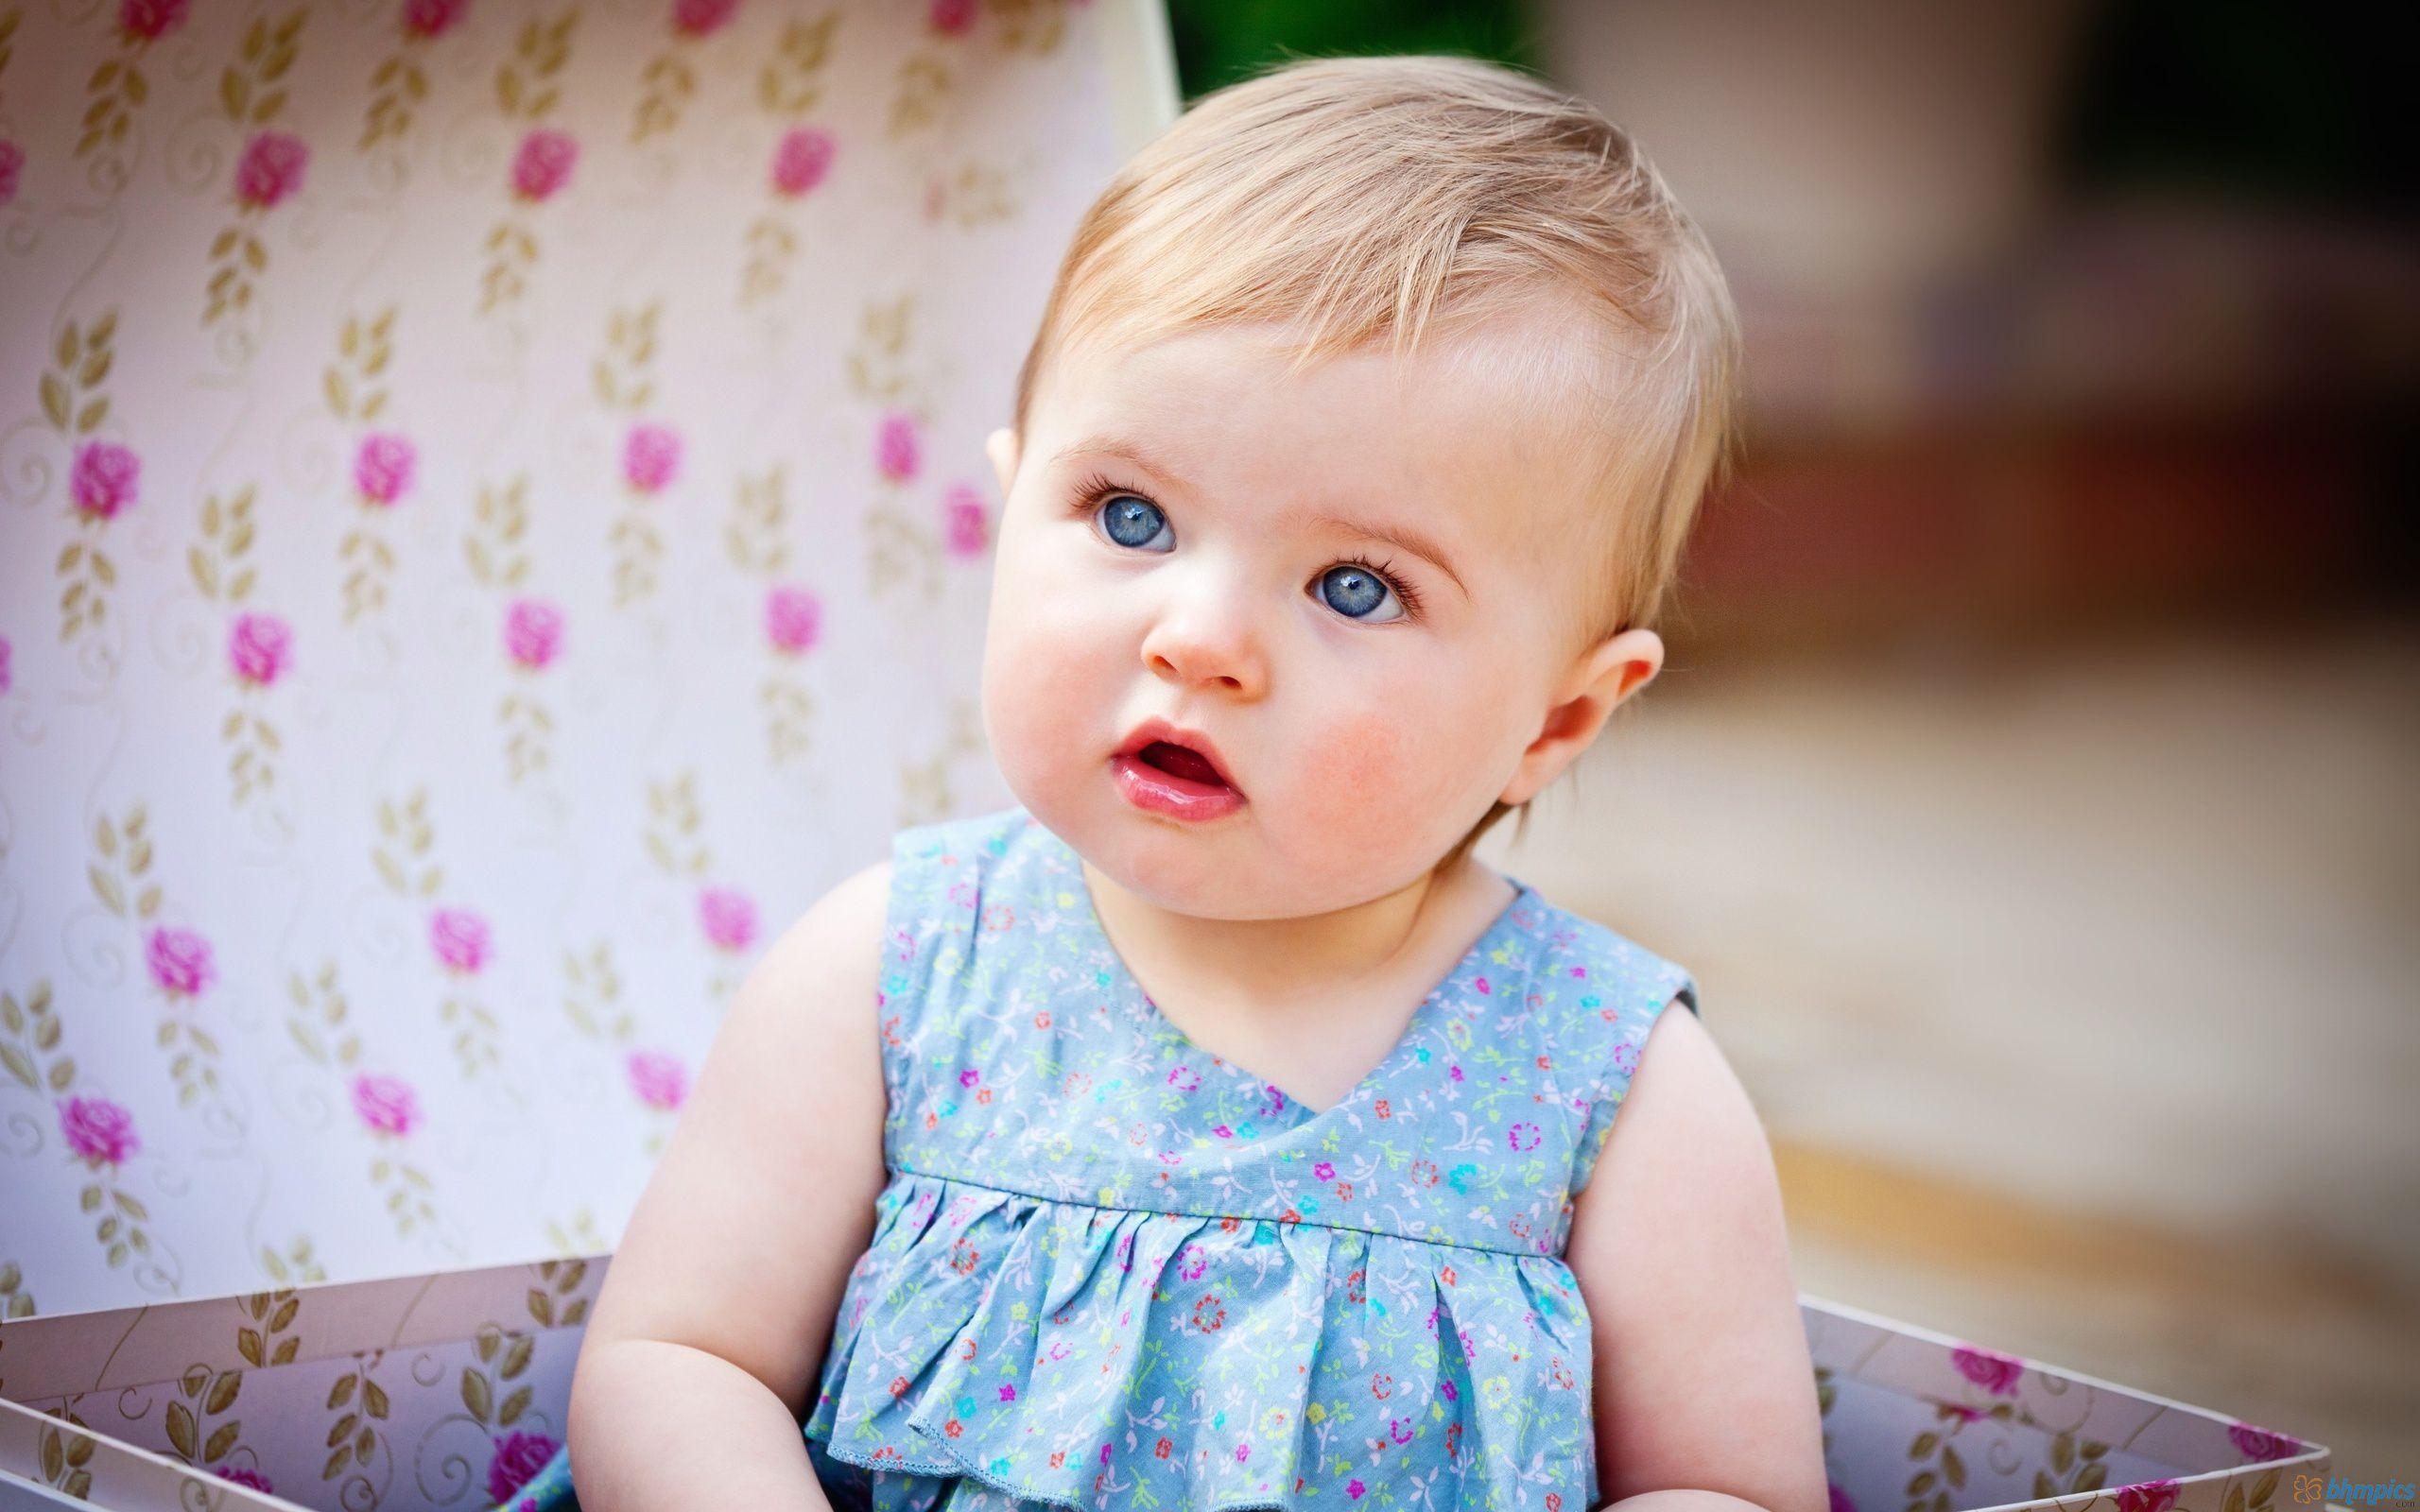 Funny Baby Hd Desktop